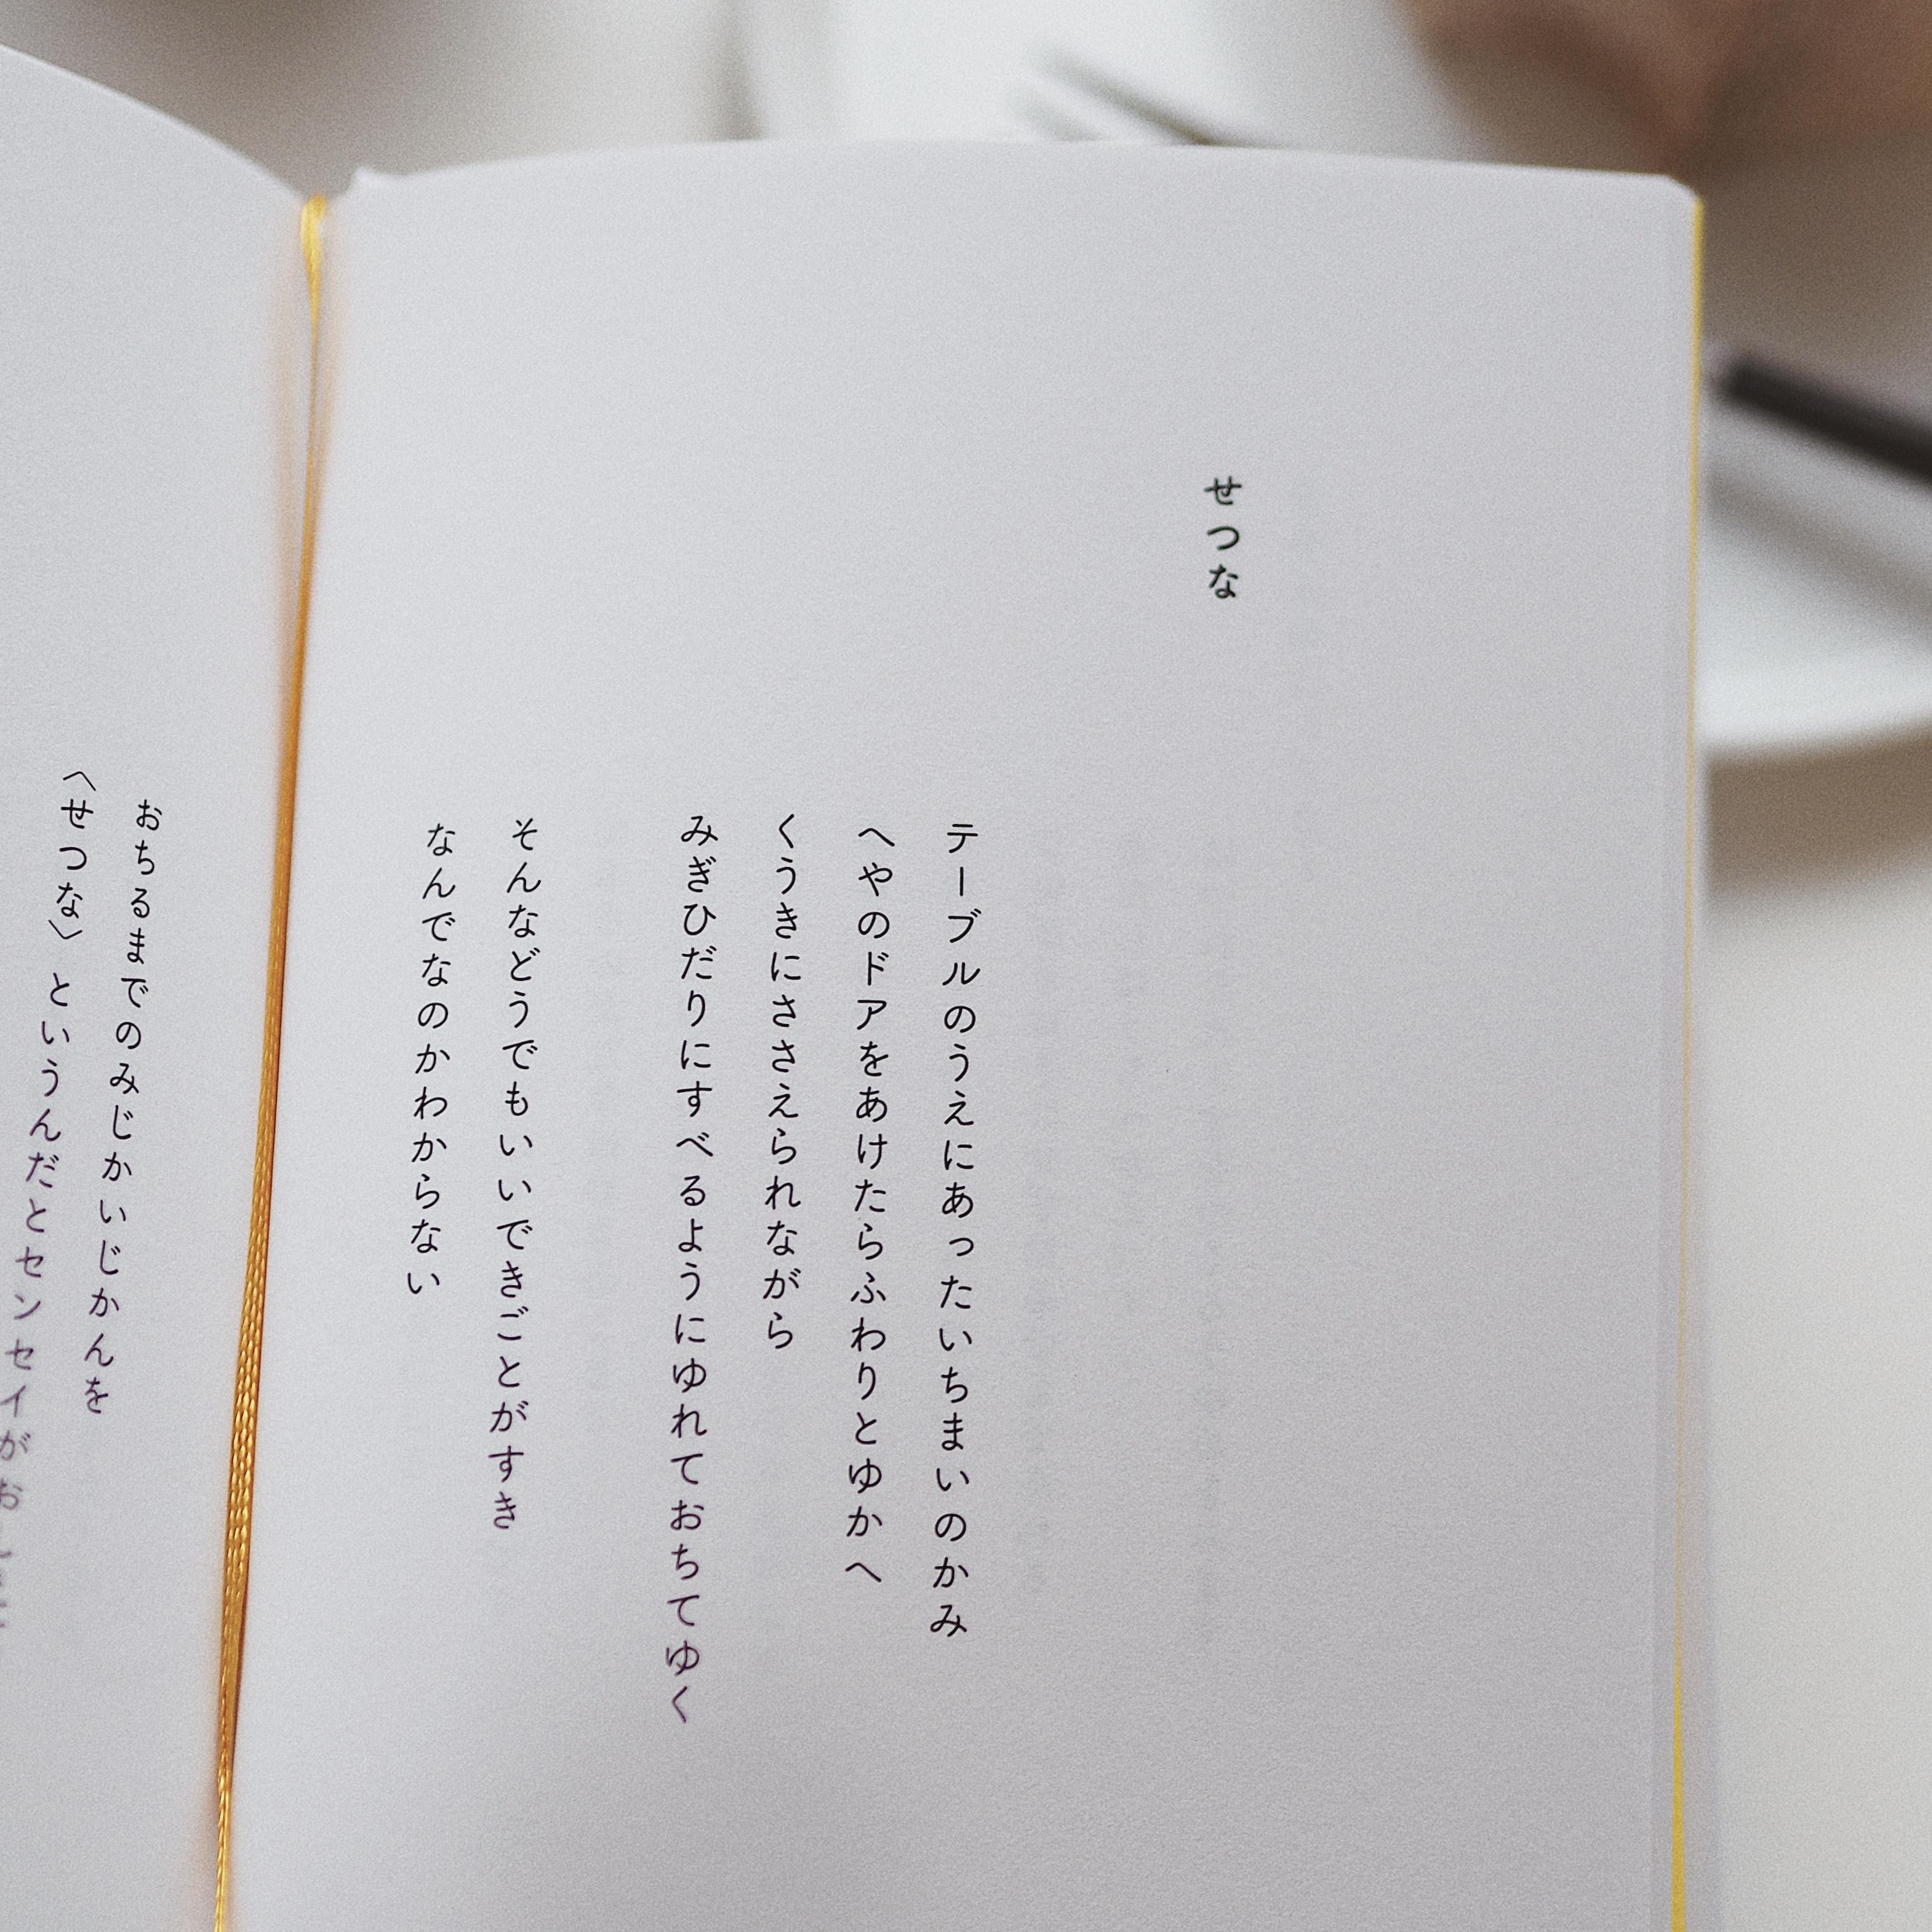 大人になってからも読みたい、谷川俊太郎の作品